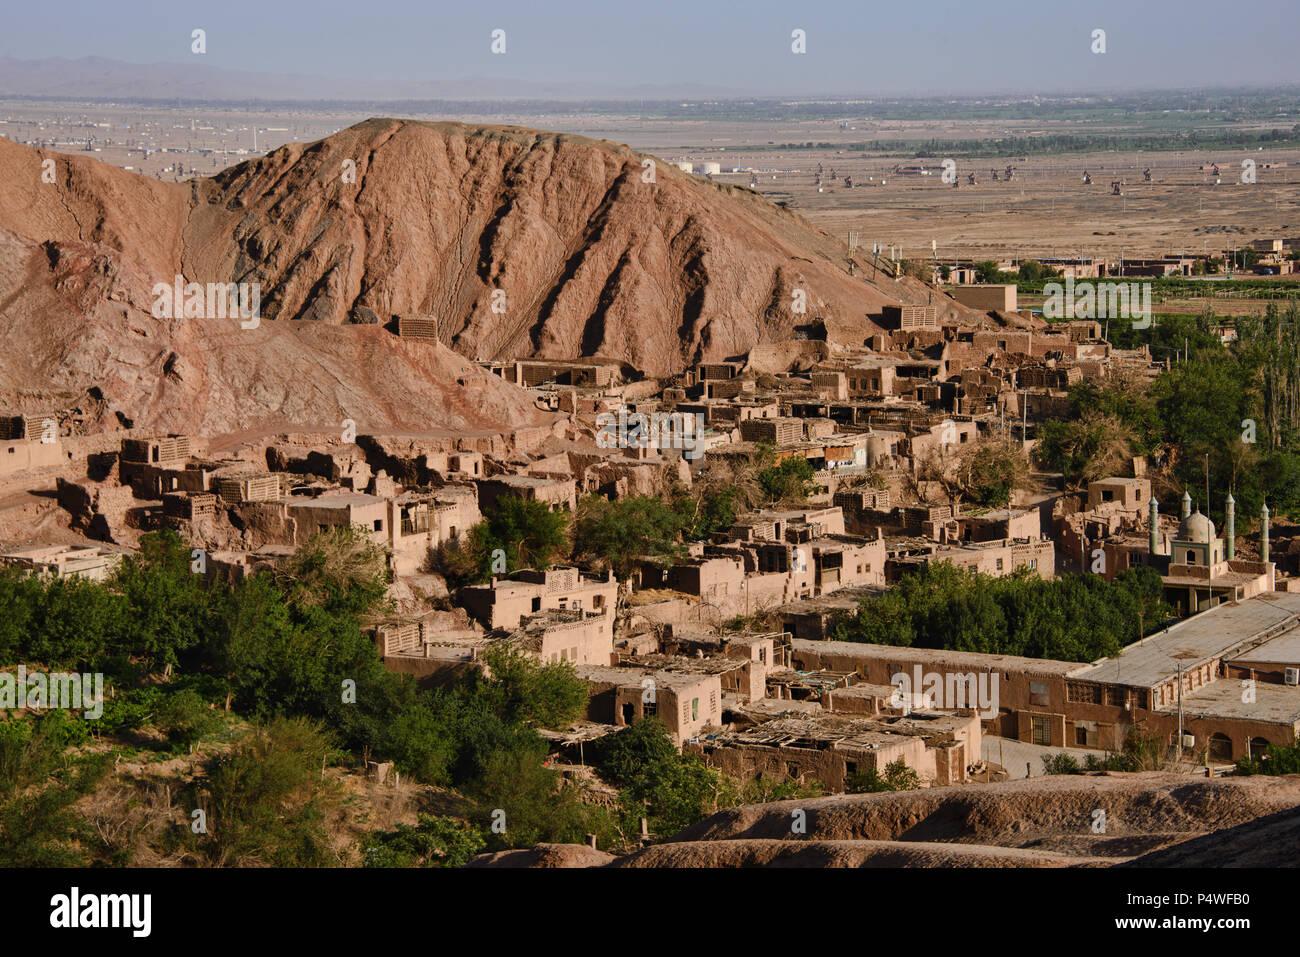 Ancient mud brick village in the Tuyoq Valley, Turpan, Xinjiang, China - Stock Image